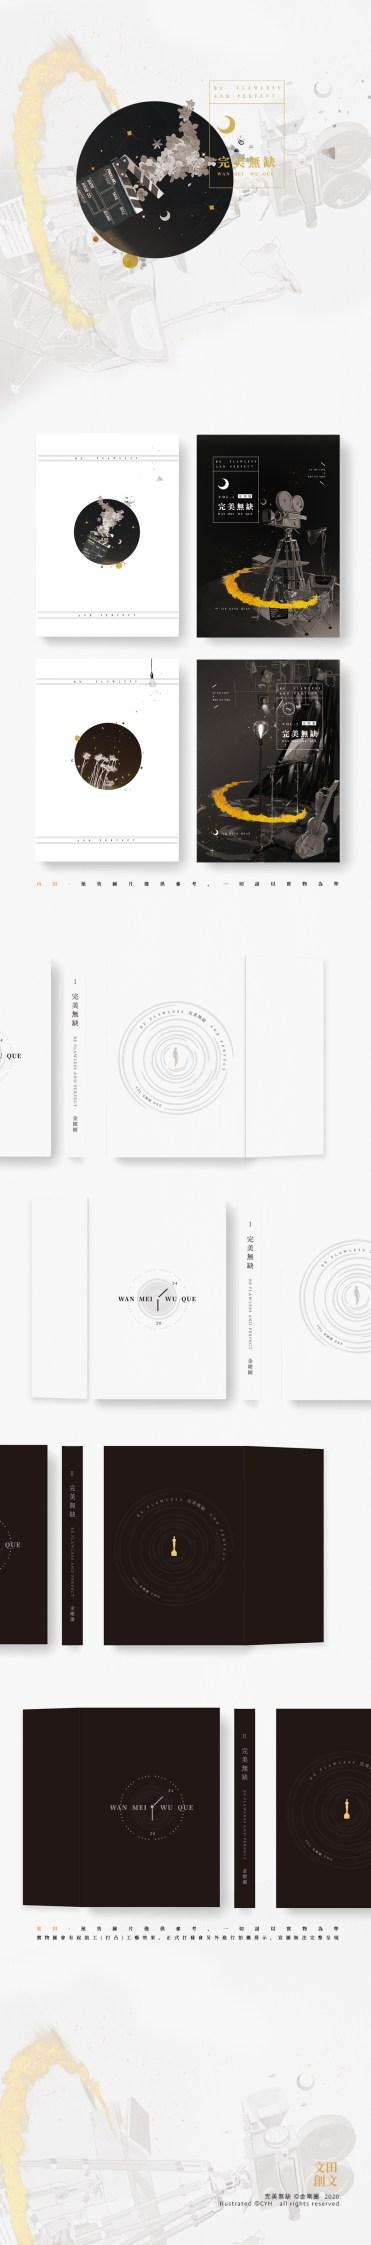 《完美無缺》繁體橫版商誌預售 作者:金剛圈 – 田文工作室